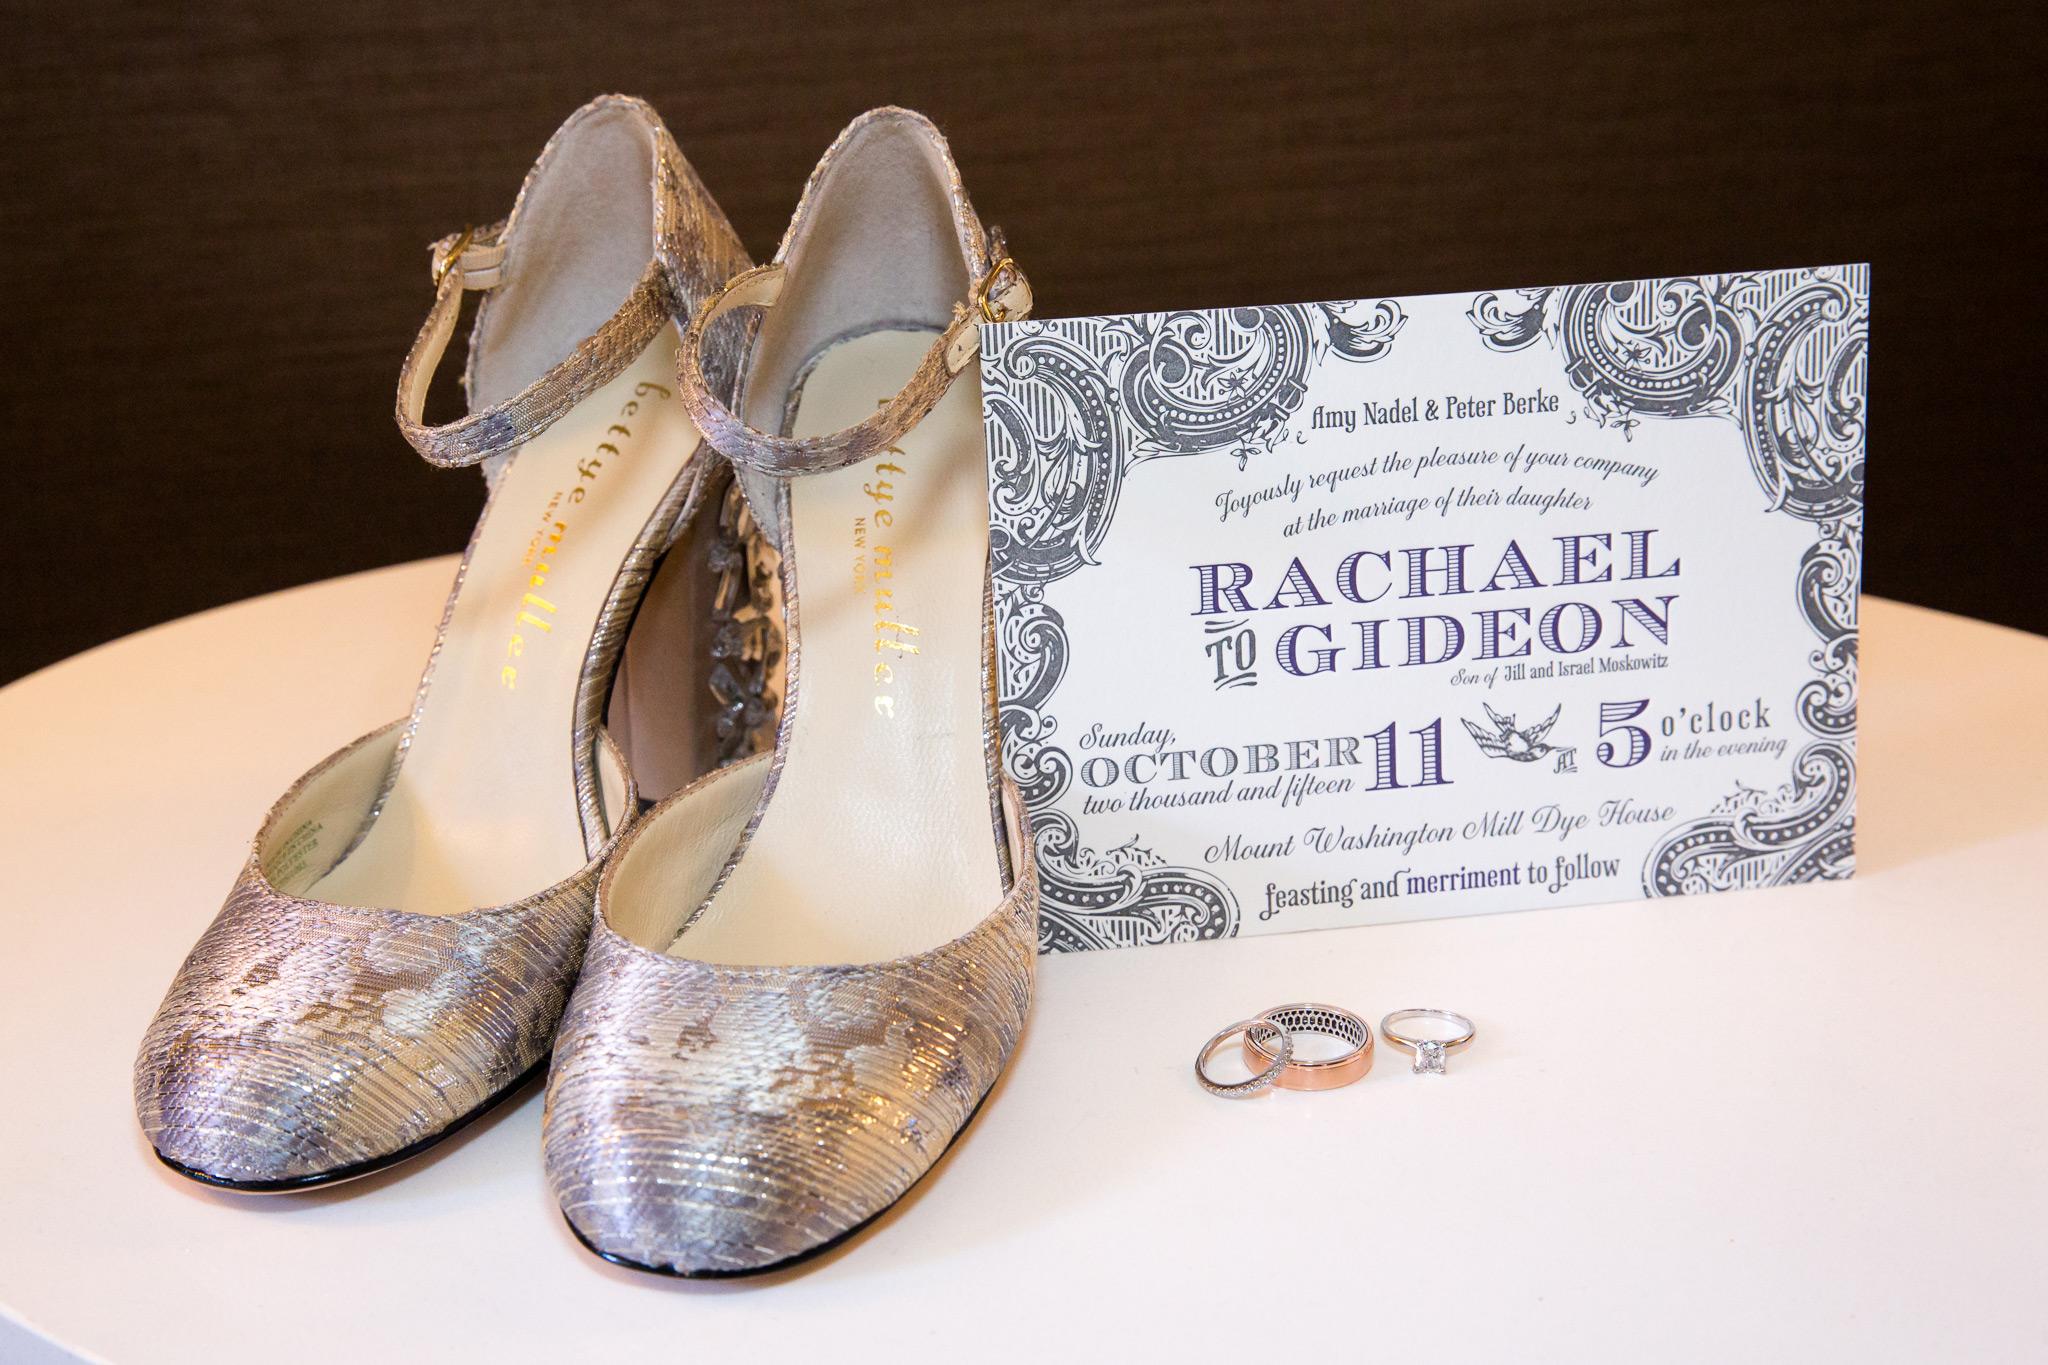 rachael-and-gideon-get-married-101115_8116_dkzak.jpg